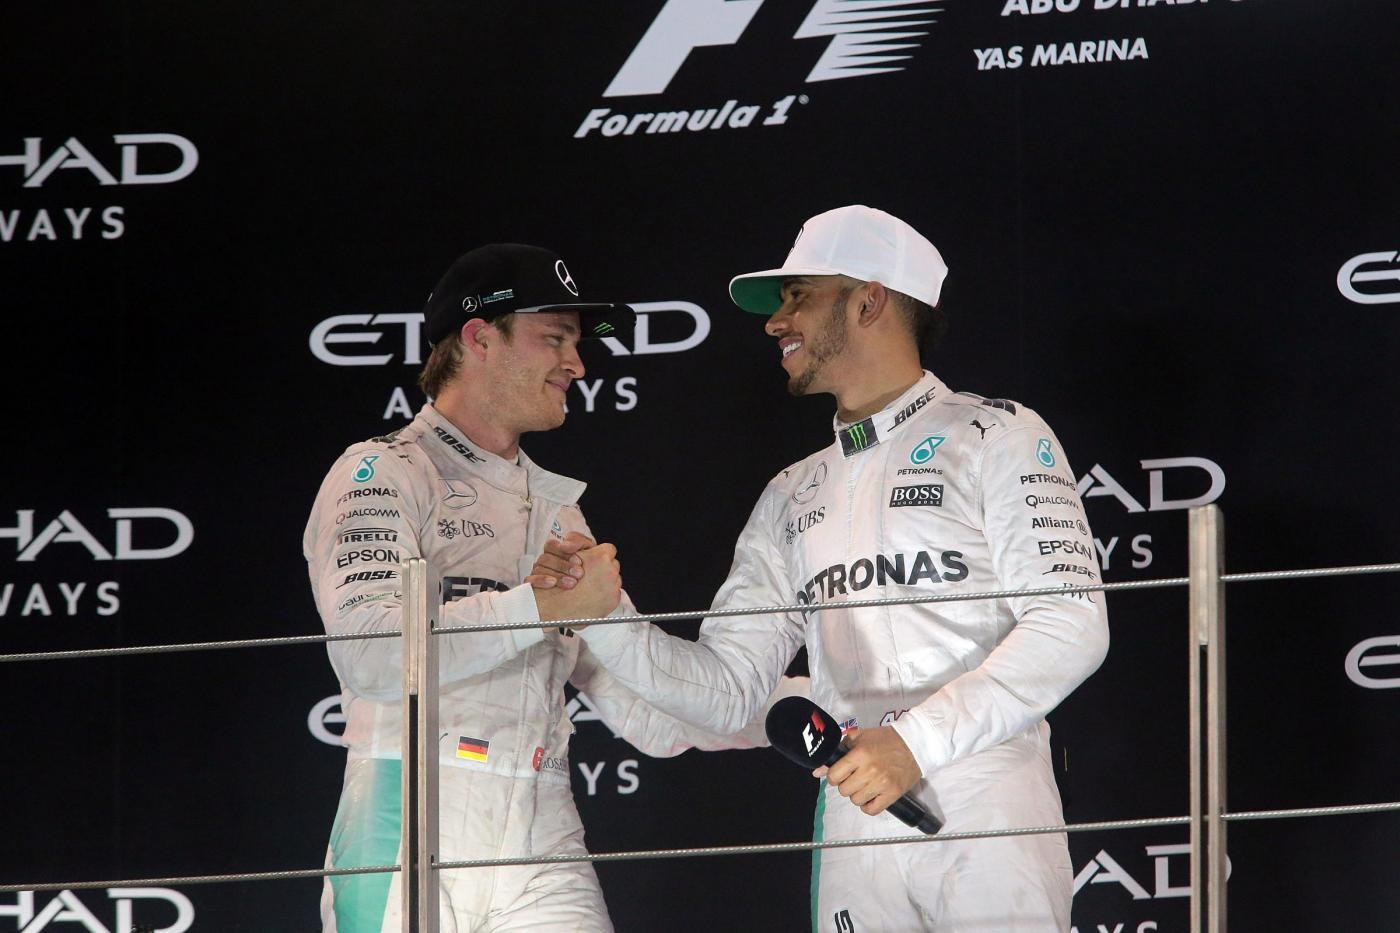 F1 Abu Dhabi, La gara